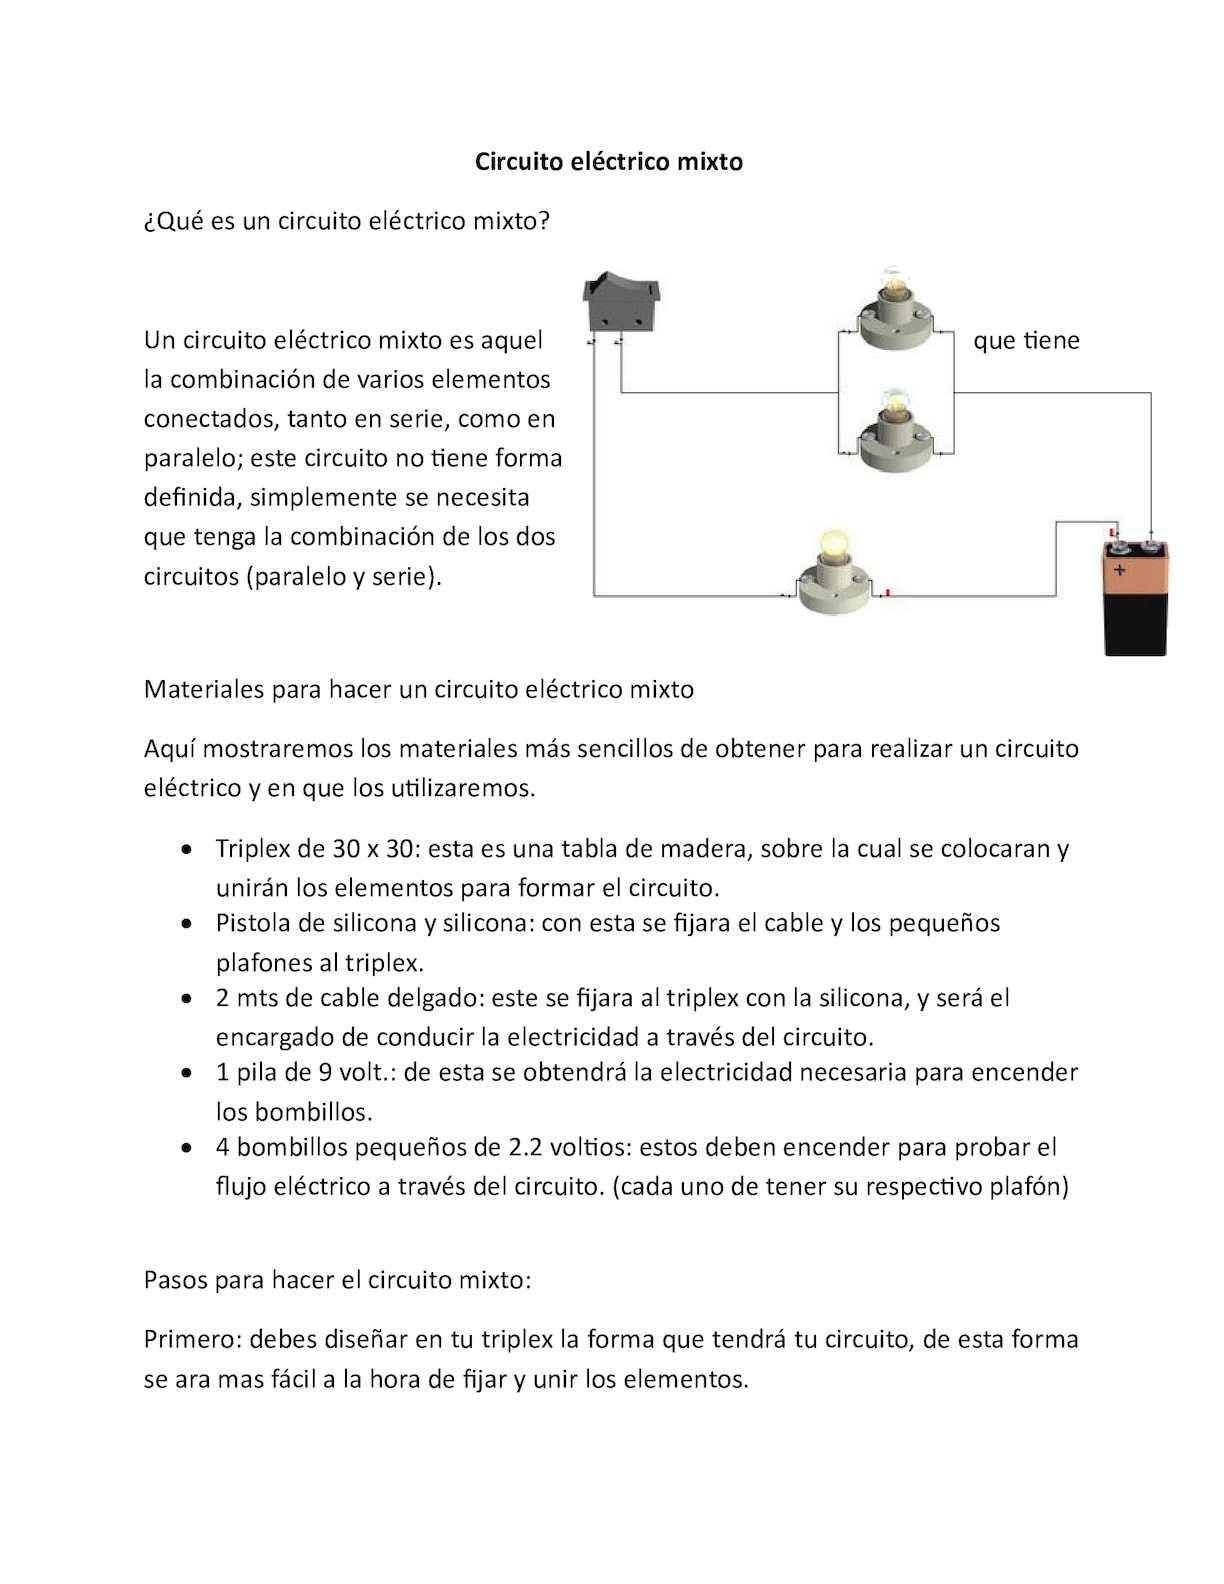 Circuito Electrico Simple : Calaméo circuito eléctrico mixto